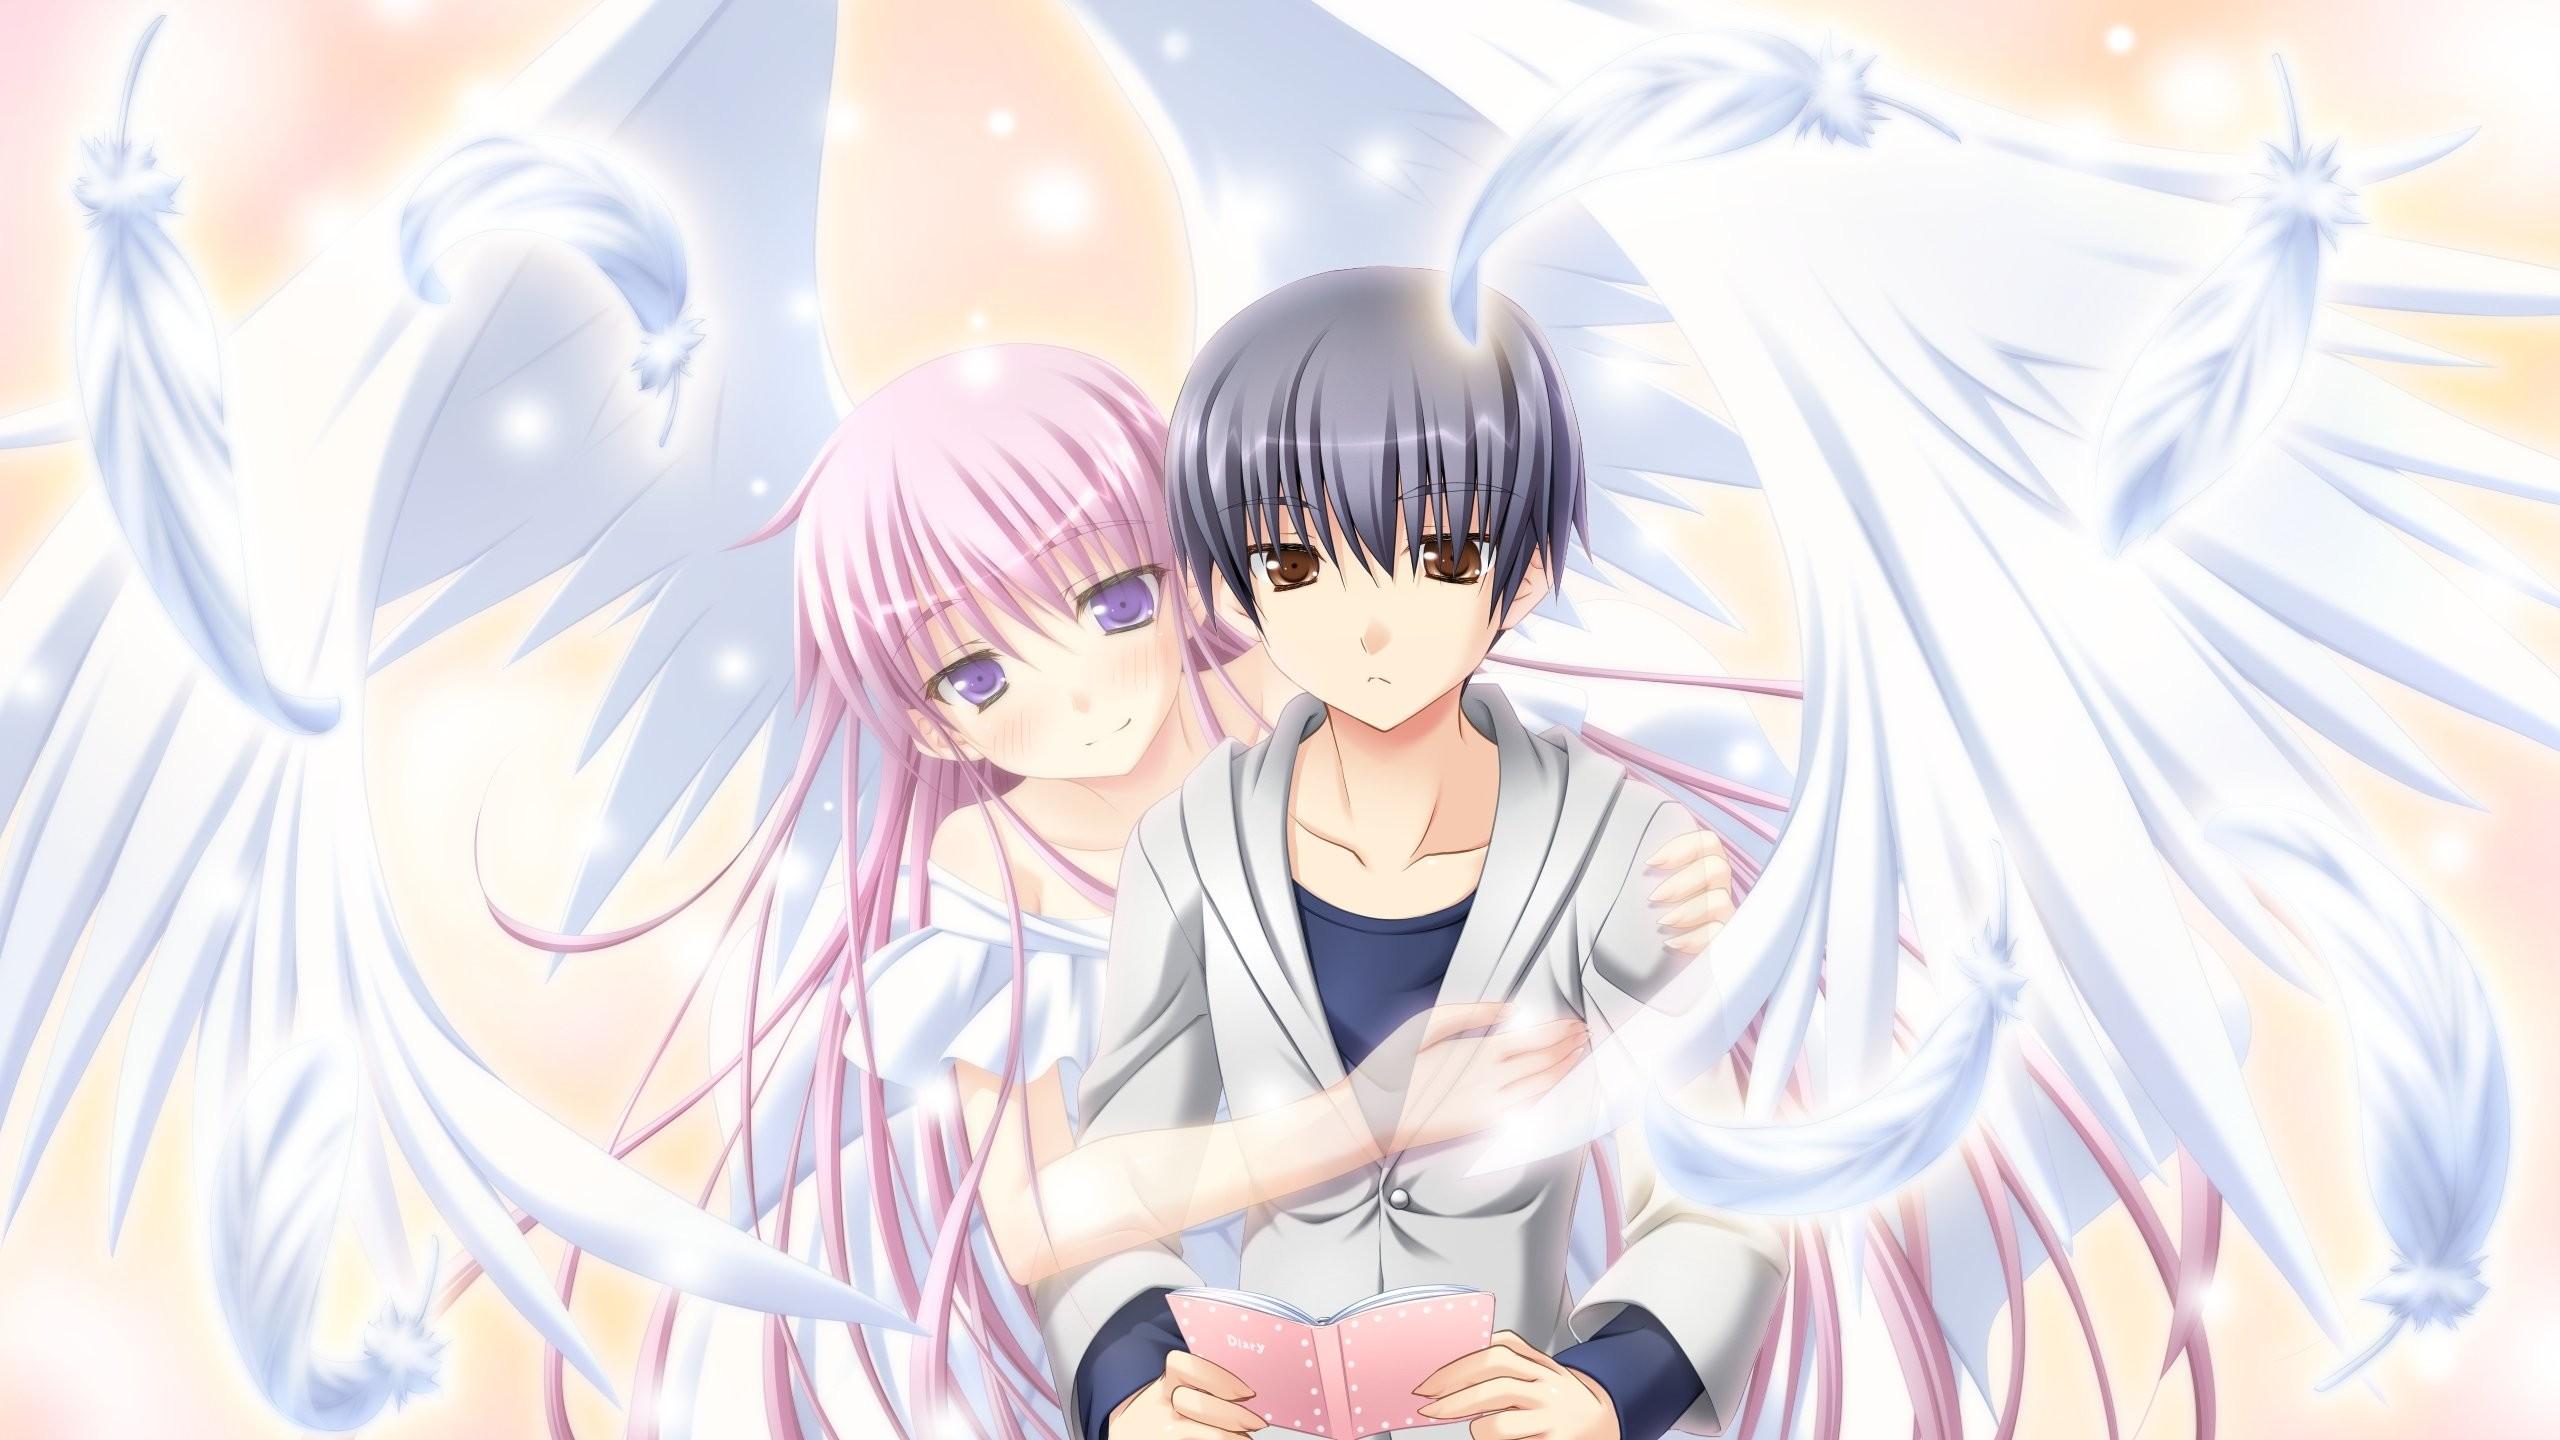 Anime Angel Girl And Boy …